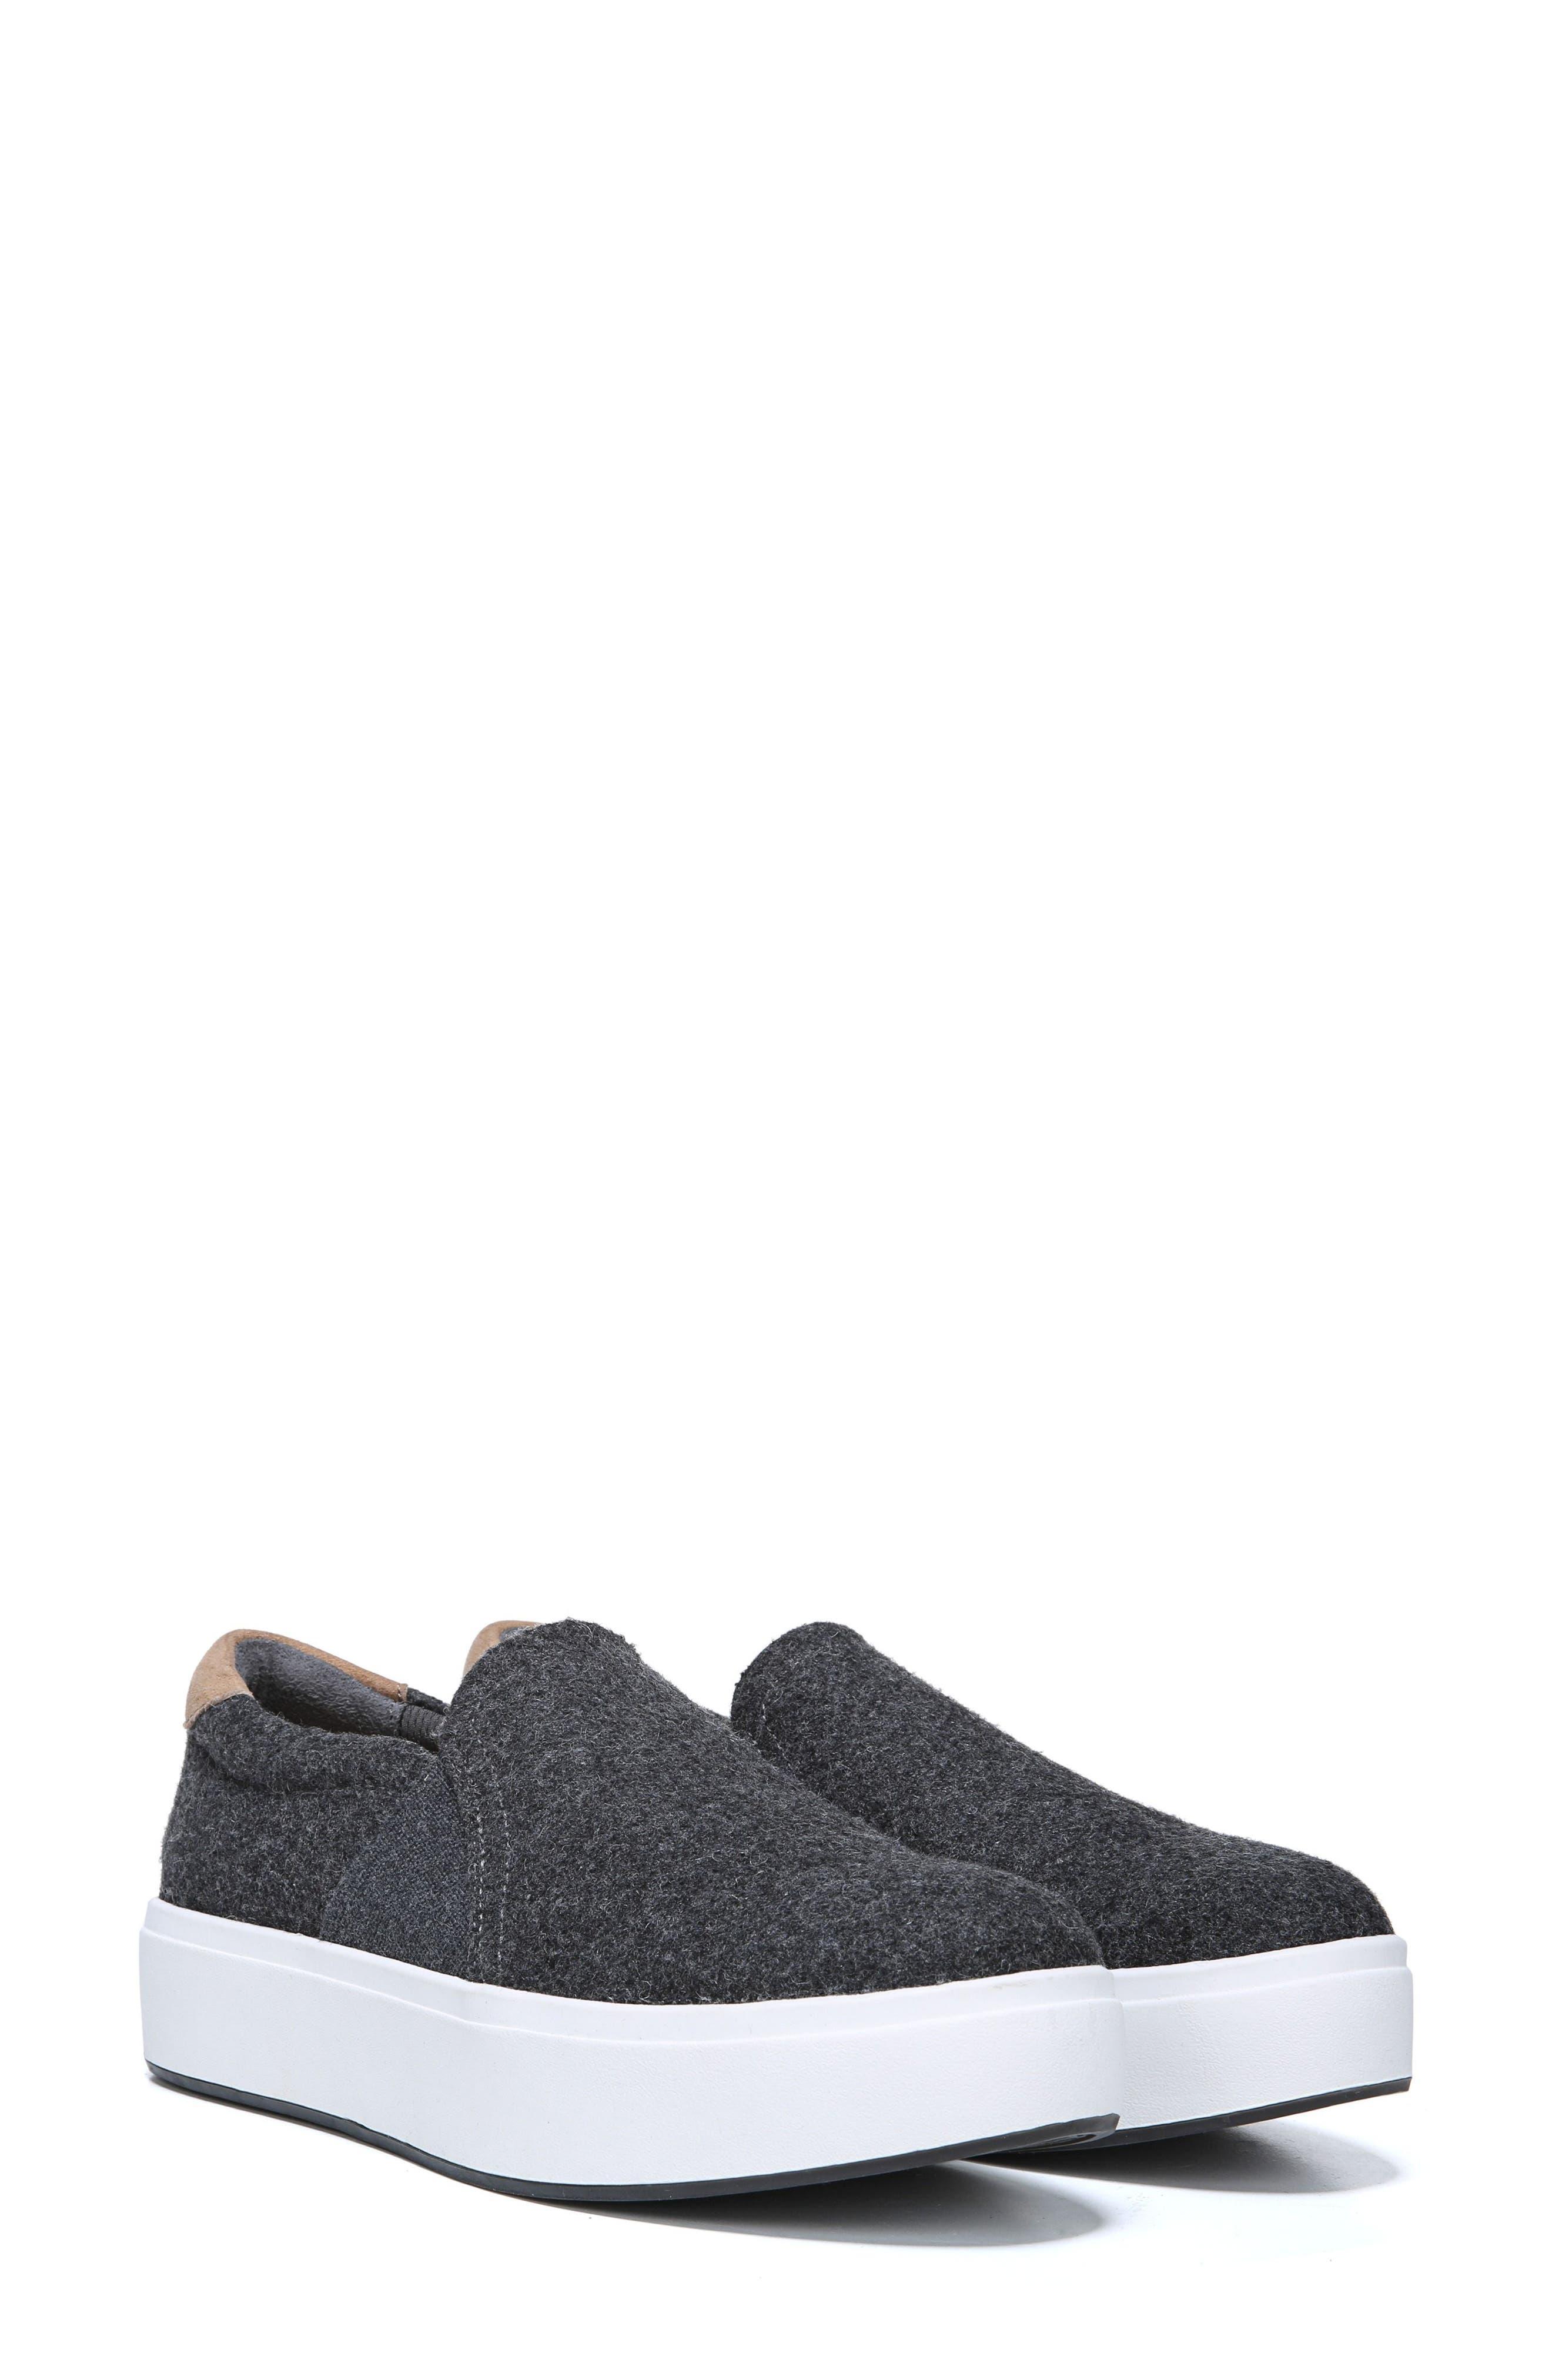 Abbot Slip-On Sneaker,                             Alternate thumbnail 7, color,                             GREY FABRIC